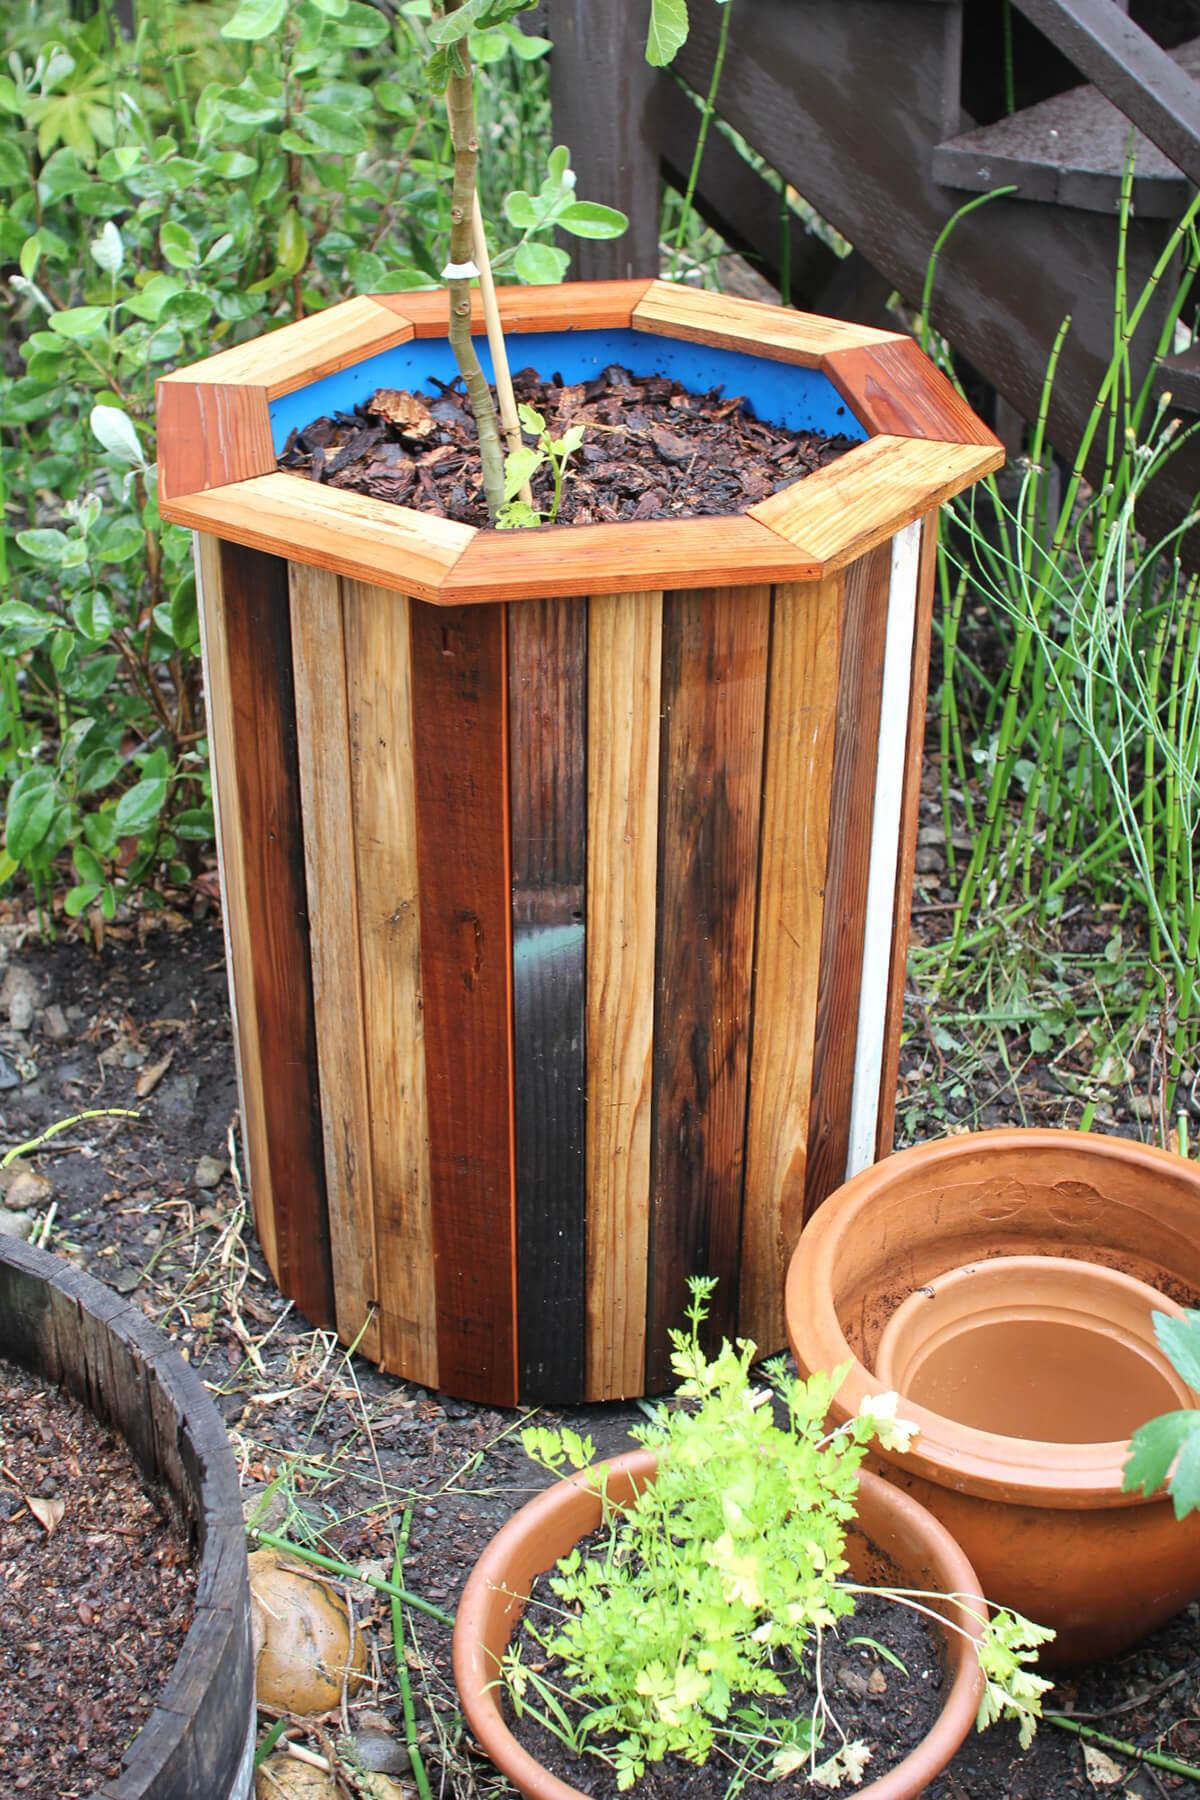 Wooden Garden Planters Ideas wooden garden planters ideas 20 diy wooden planter boxes for your yard or patio home farm Diy Octagonal Garden Planter Project